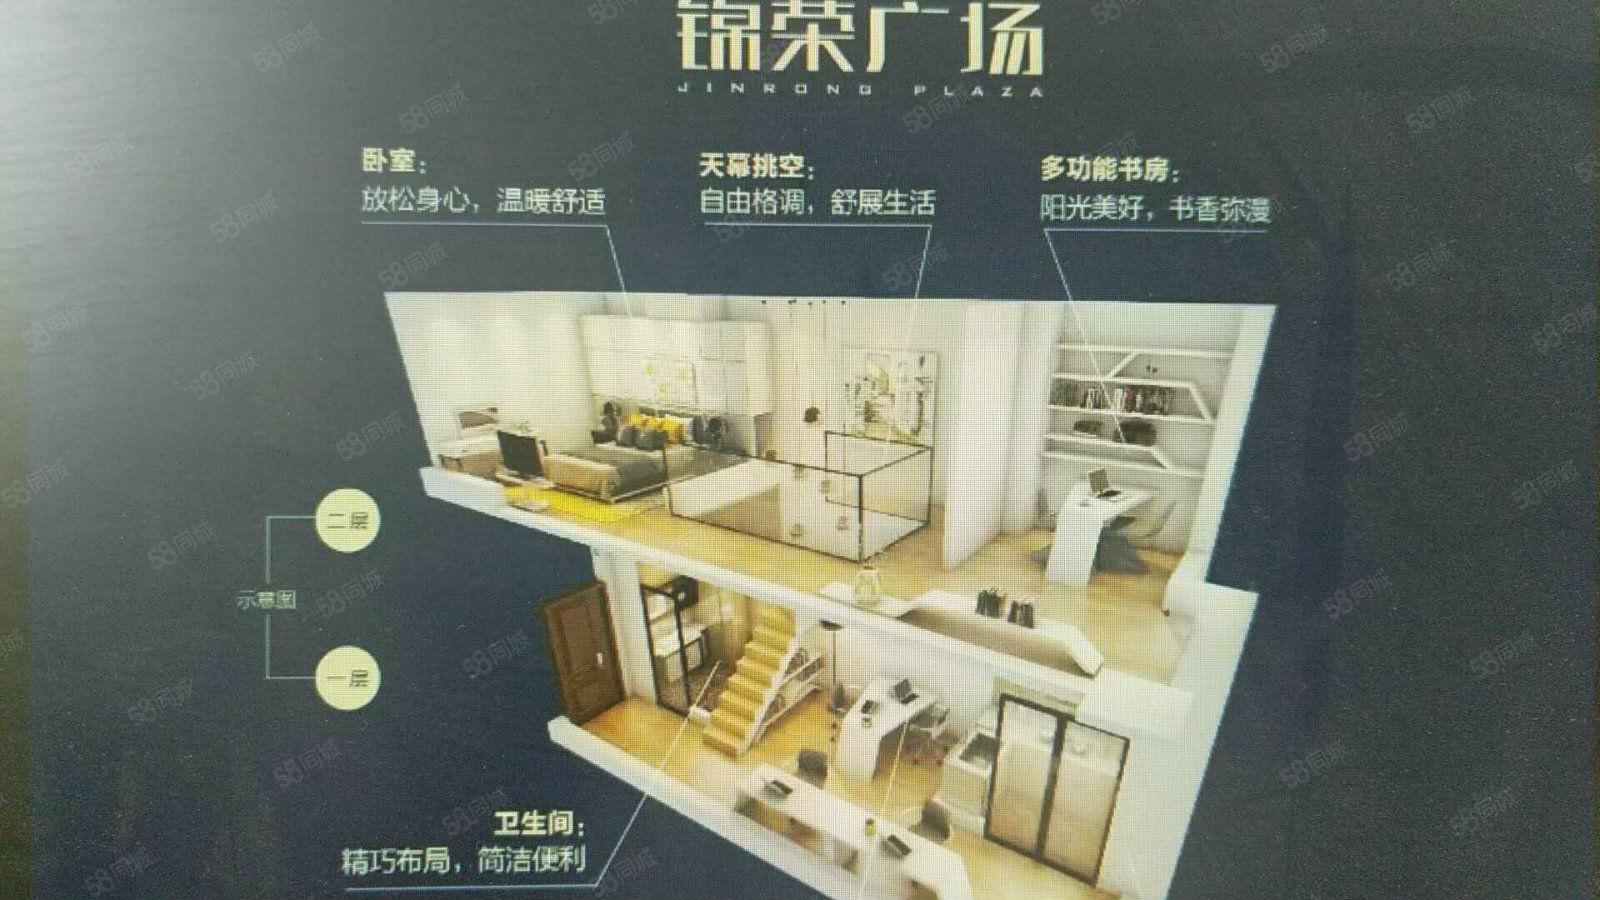 郑州航空港区高档复式公寓任性挑高5.09米一万订房